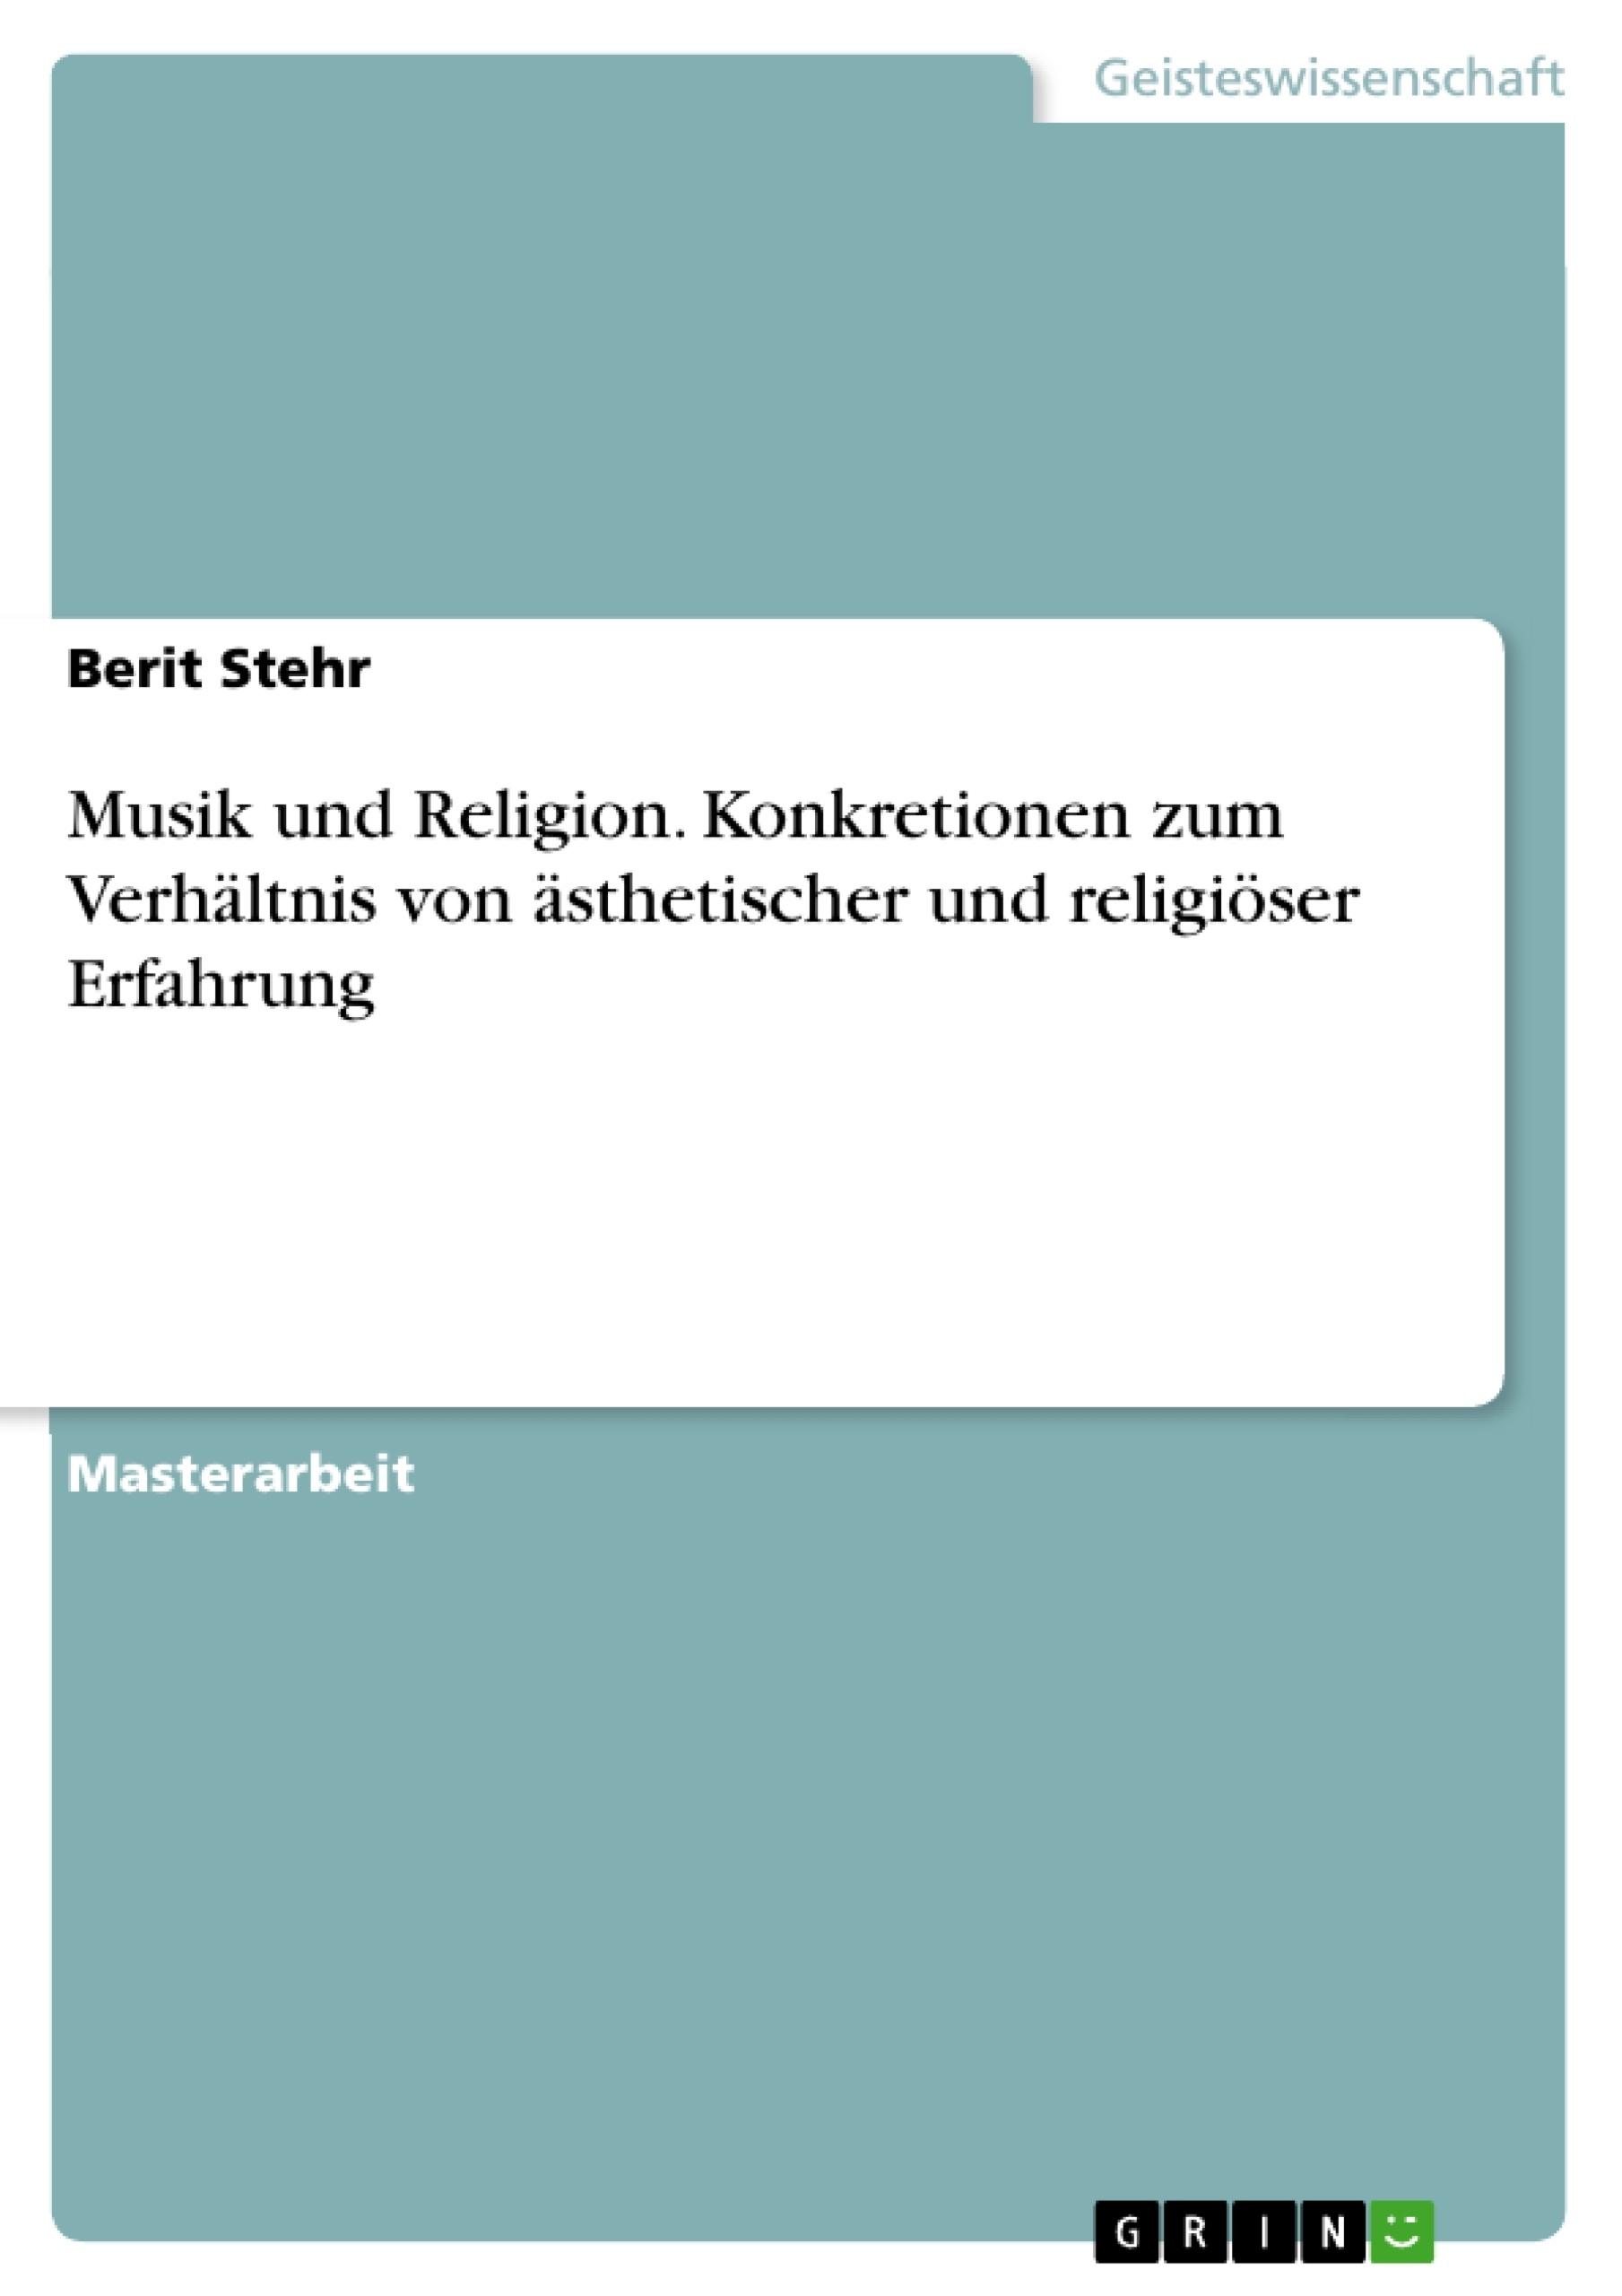 Titel: Musik und Religion. Konkretionen zum Verhältnis von ästhetischer und religiöser Erfahrung